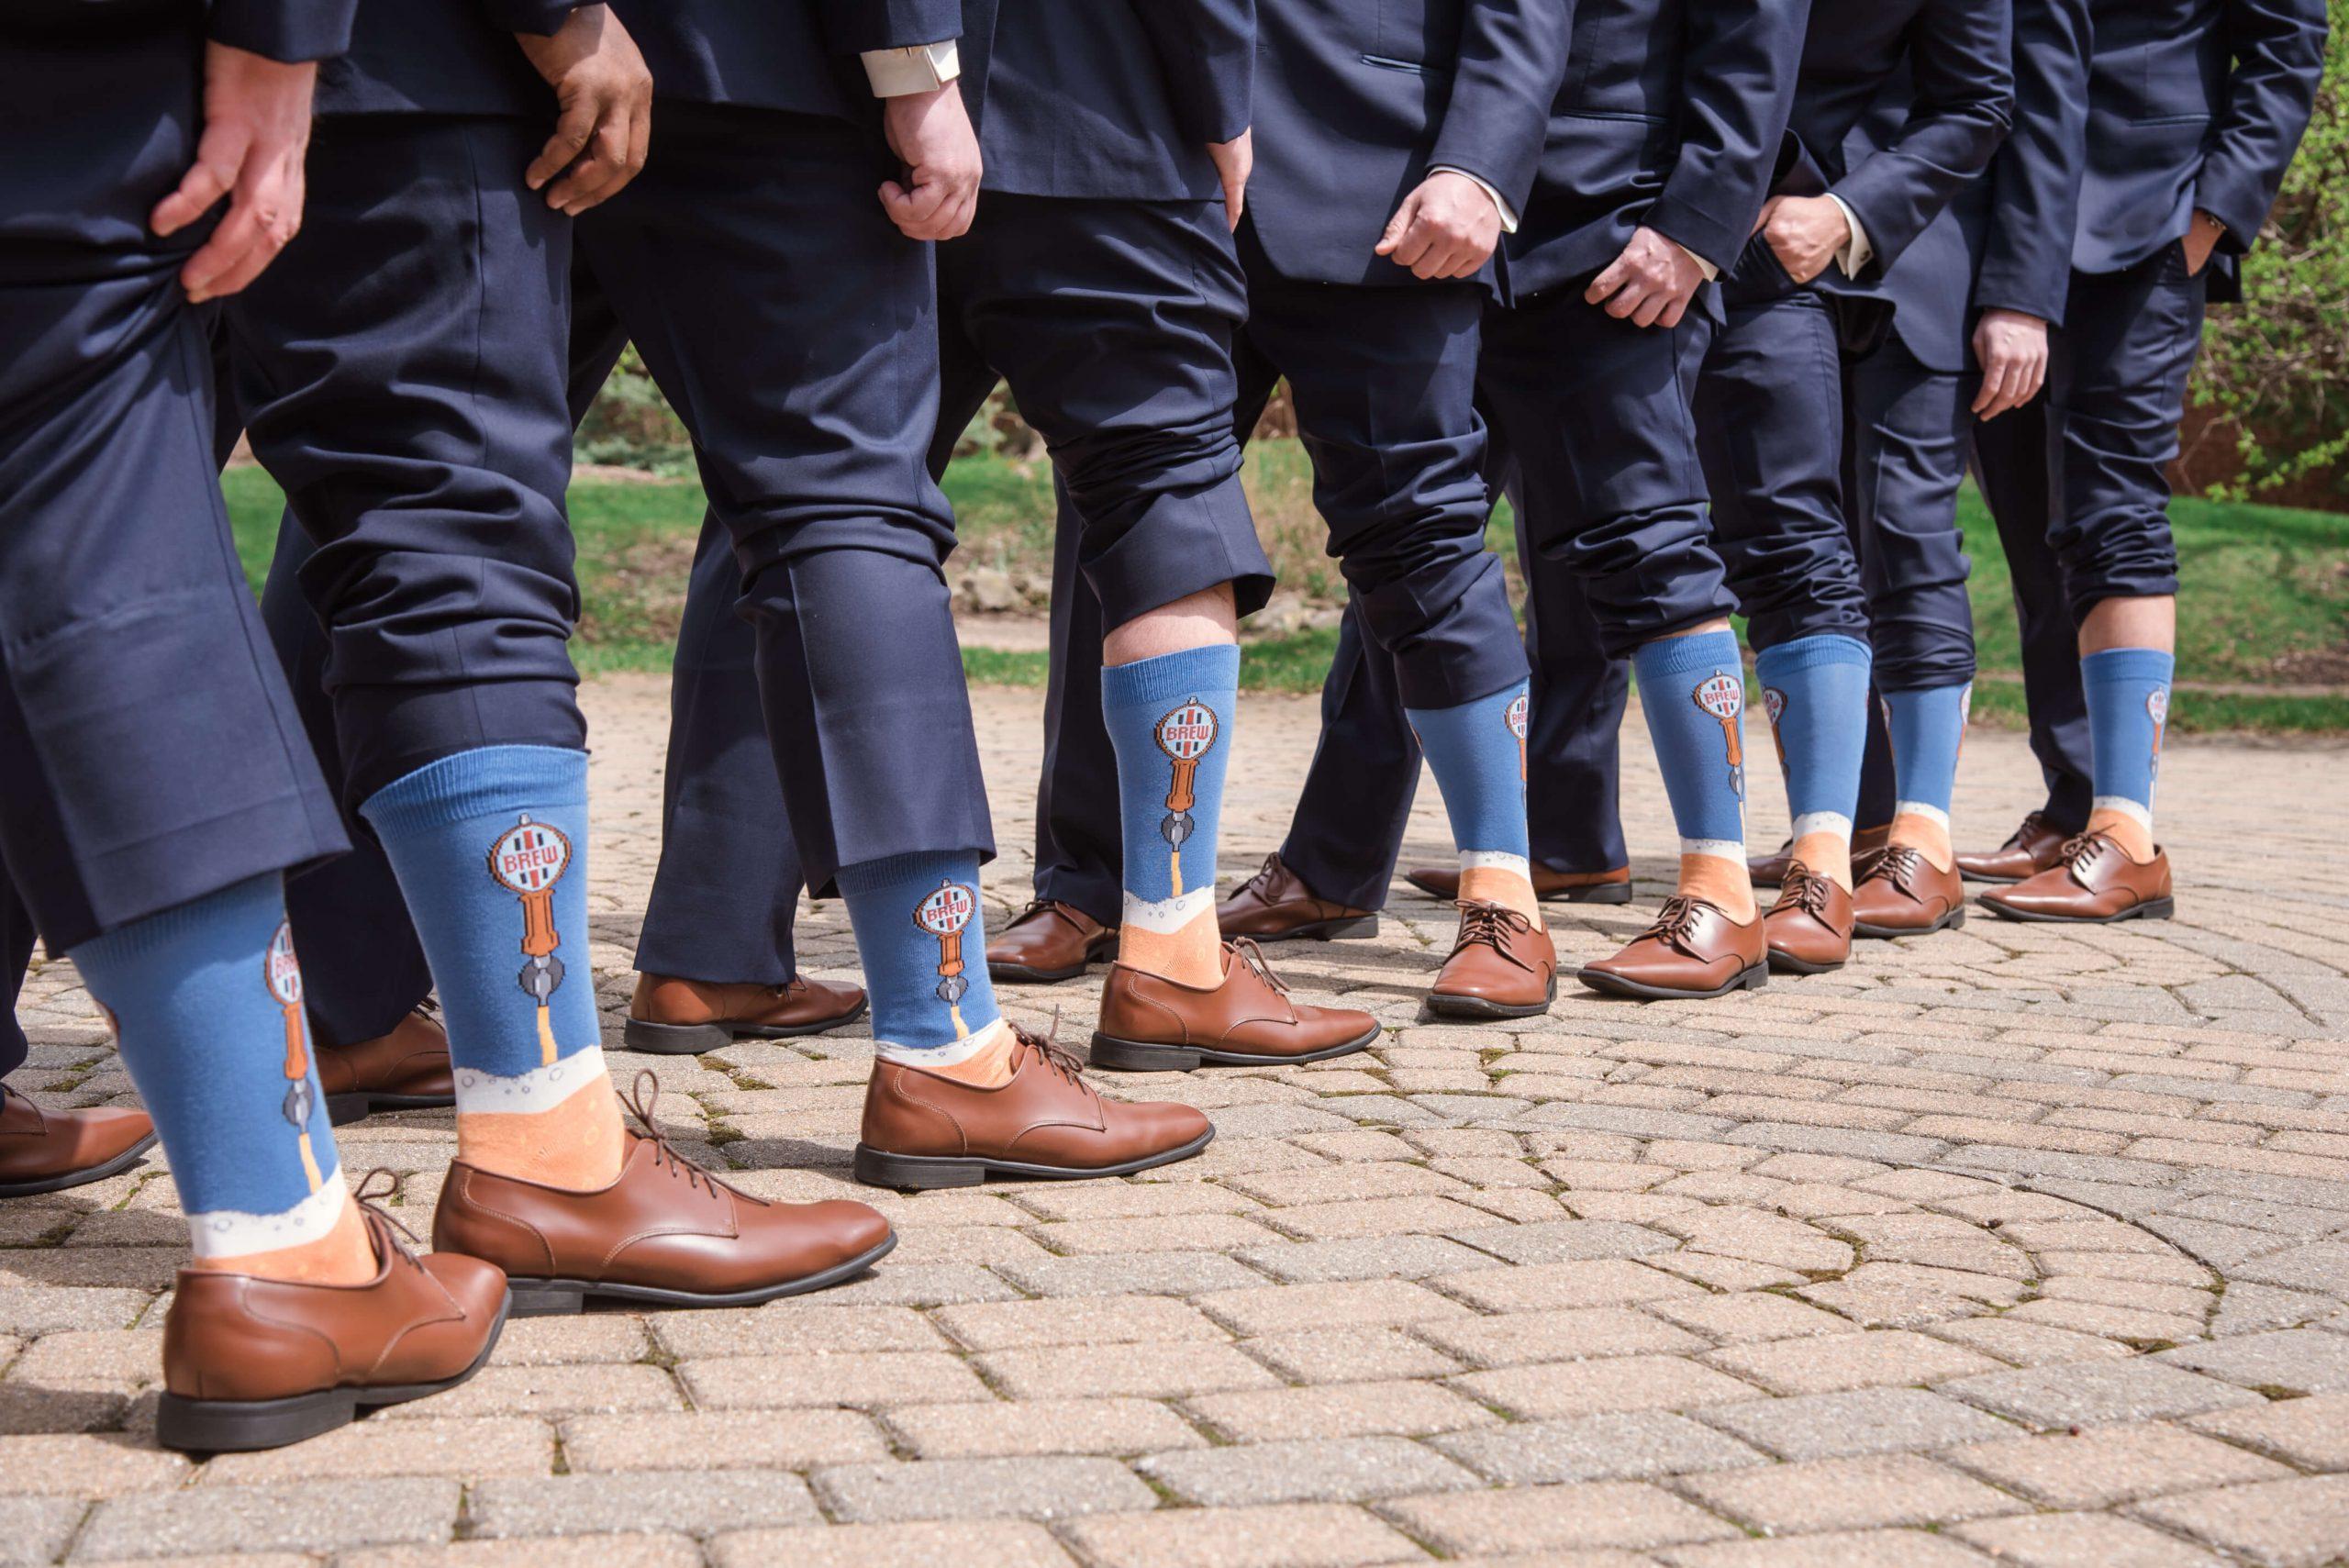 groomsmen wearing matching socks